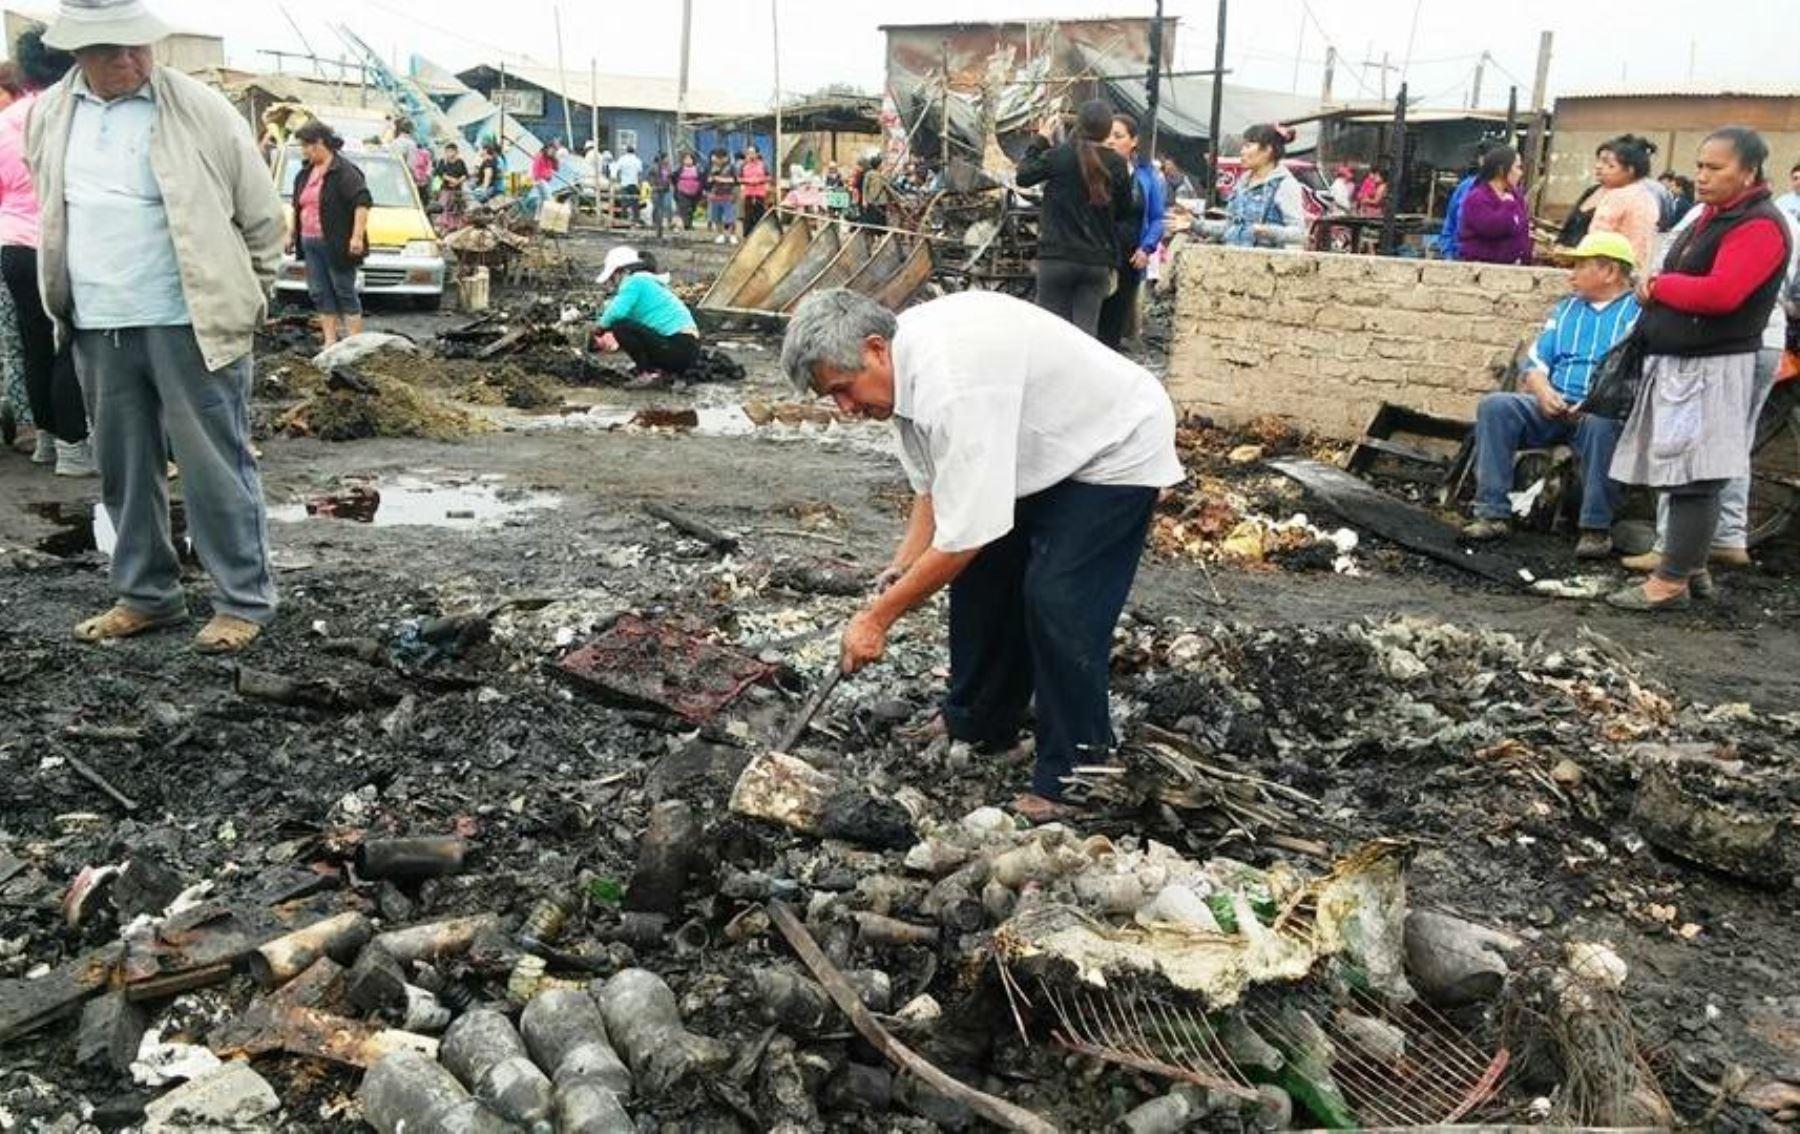 Incendio destruye más de 300 puestos en mercado Dos de Mayo en Chimbote. Foto: ANDINA/Difusión.